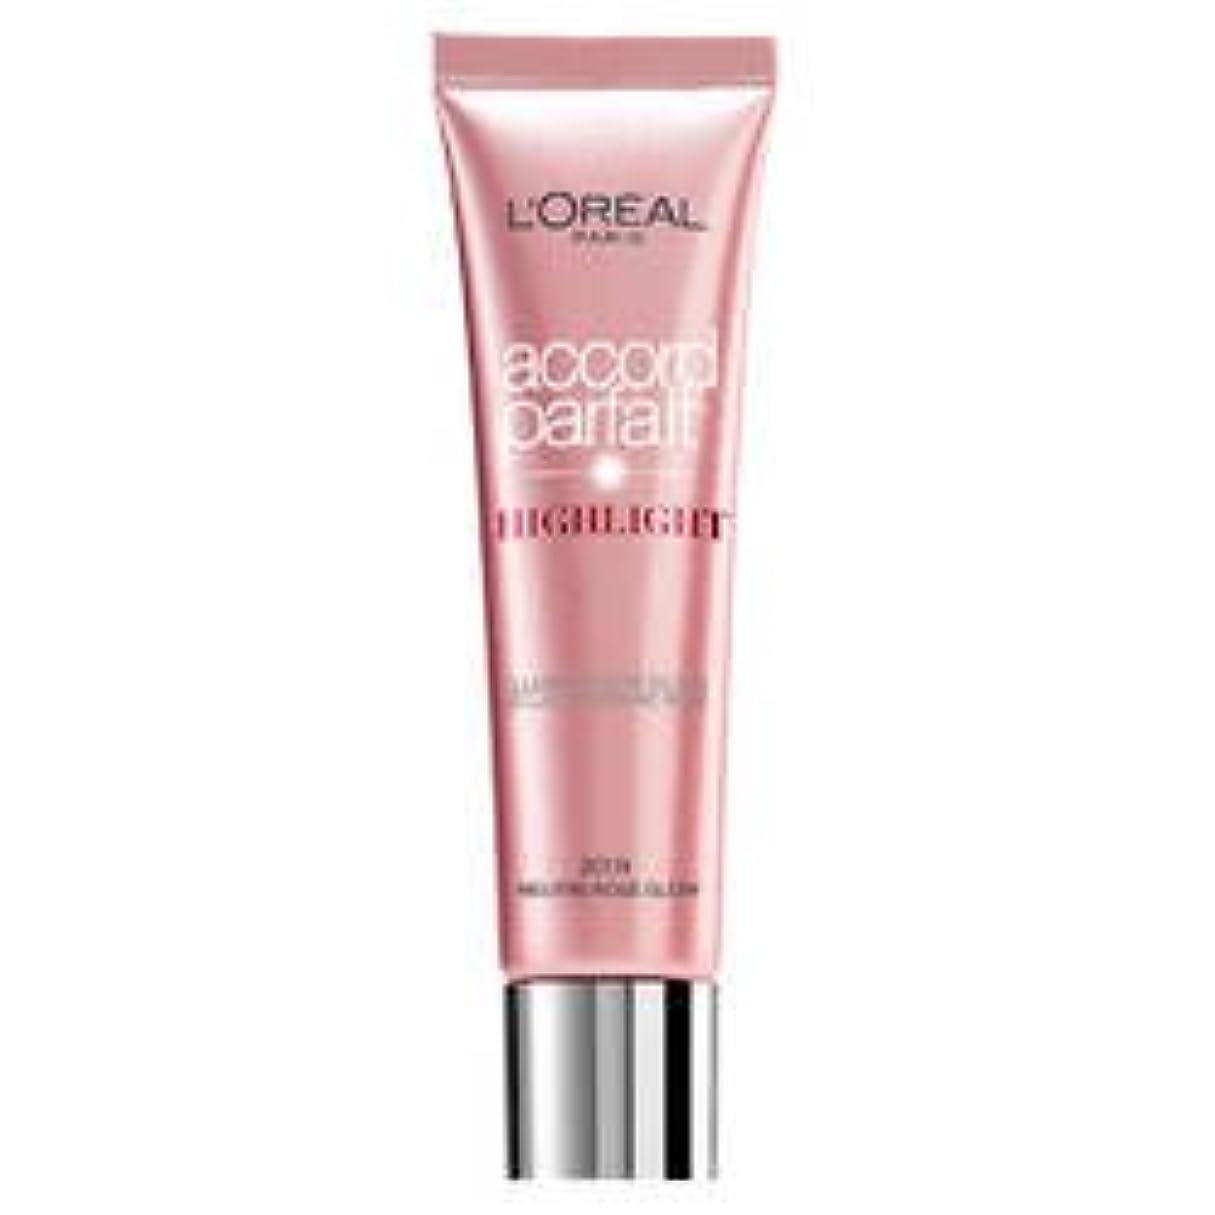 逆さまにより合併L 'Oréal Paris Accord Parfait Highlight Enlumineur Liquide 201 Rose